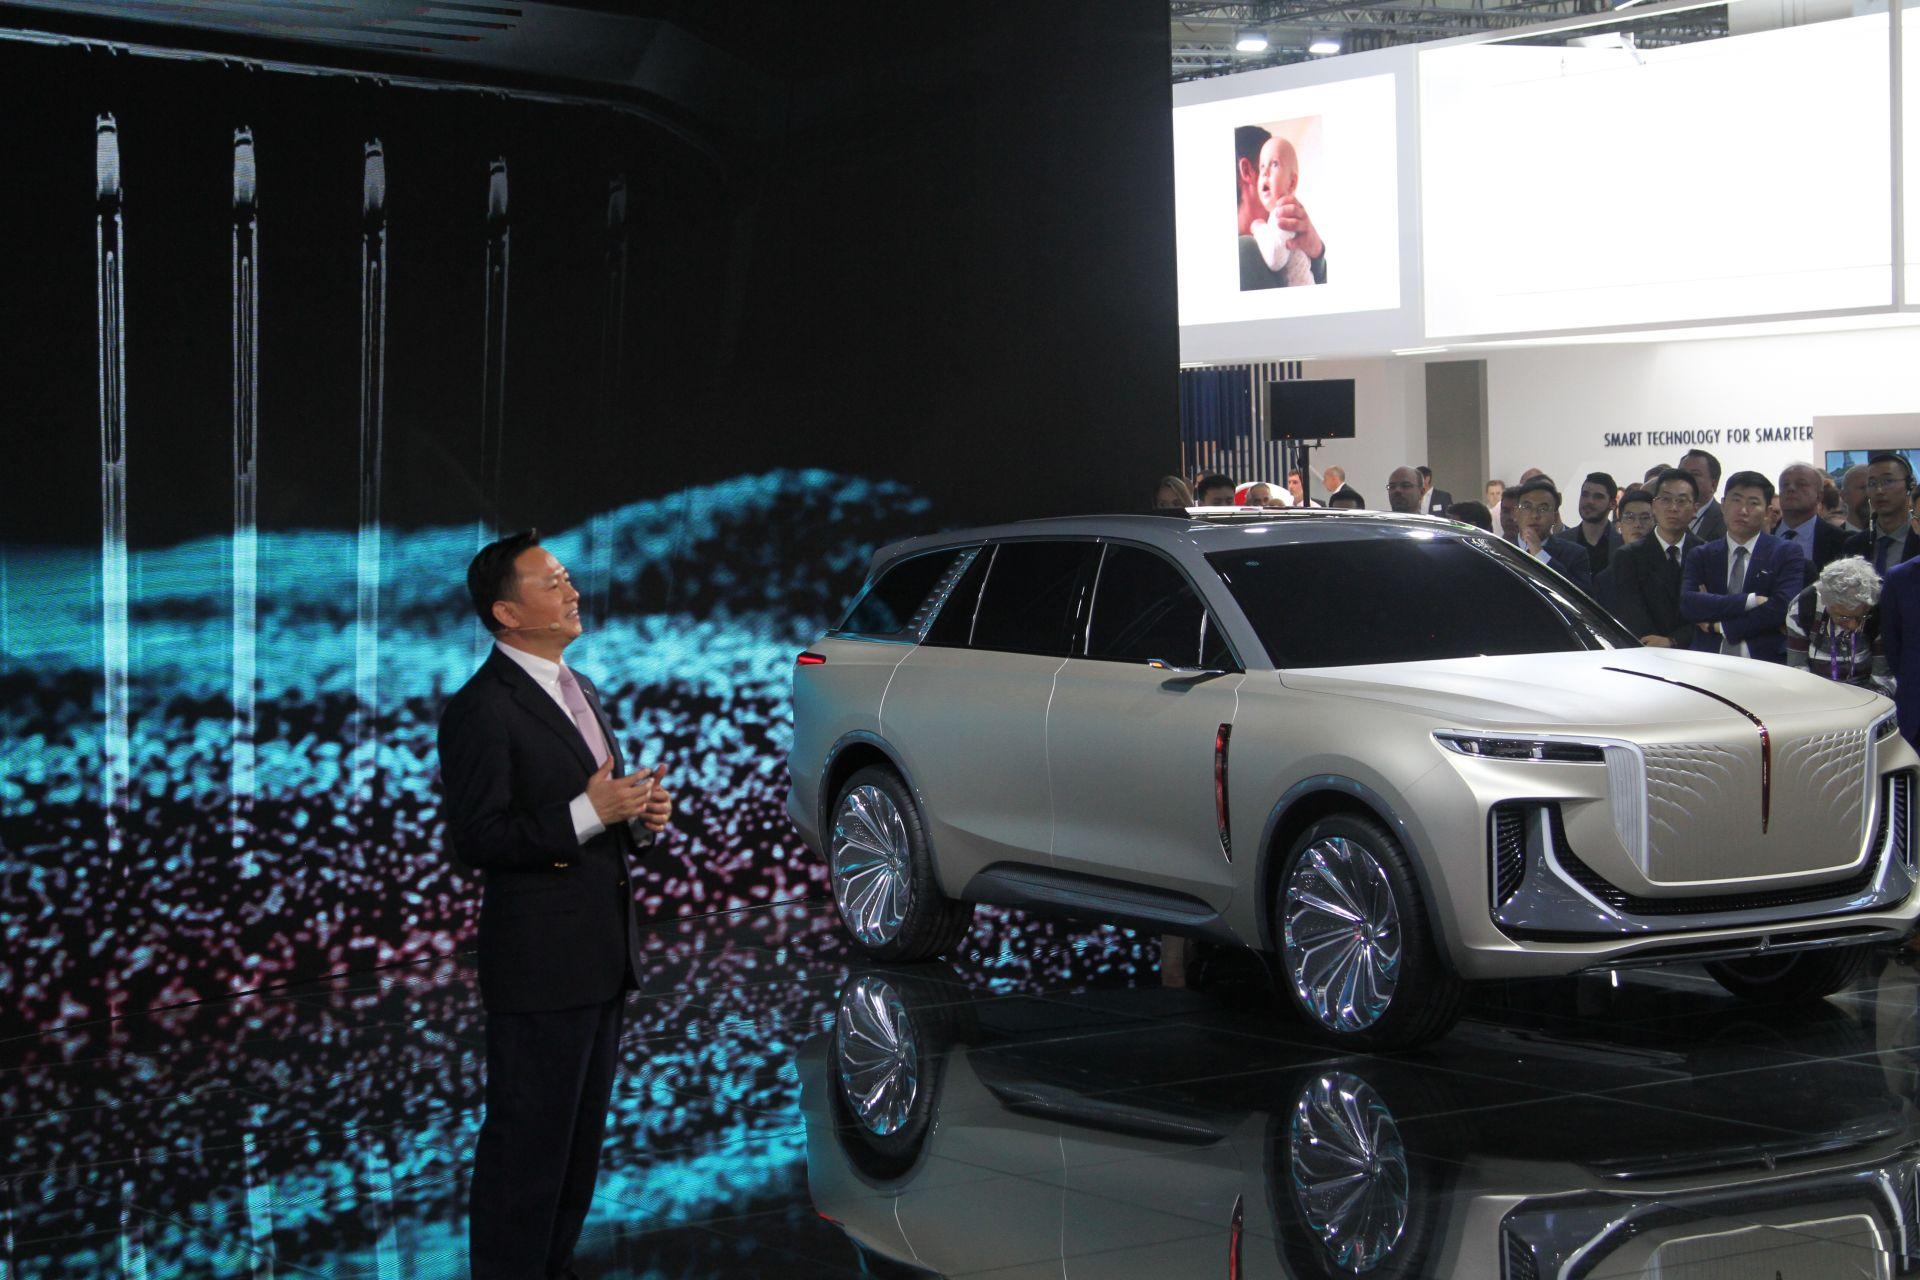 中国第一汽车有限公司董事长、党委书记徐留平现场发言